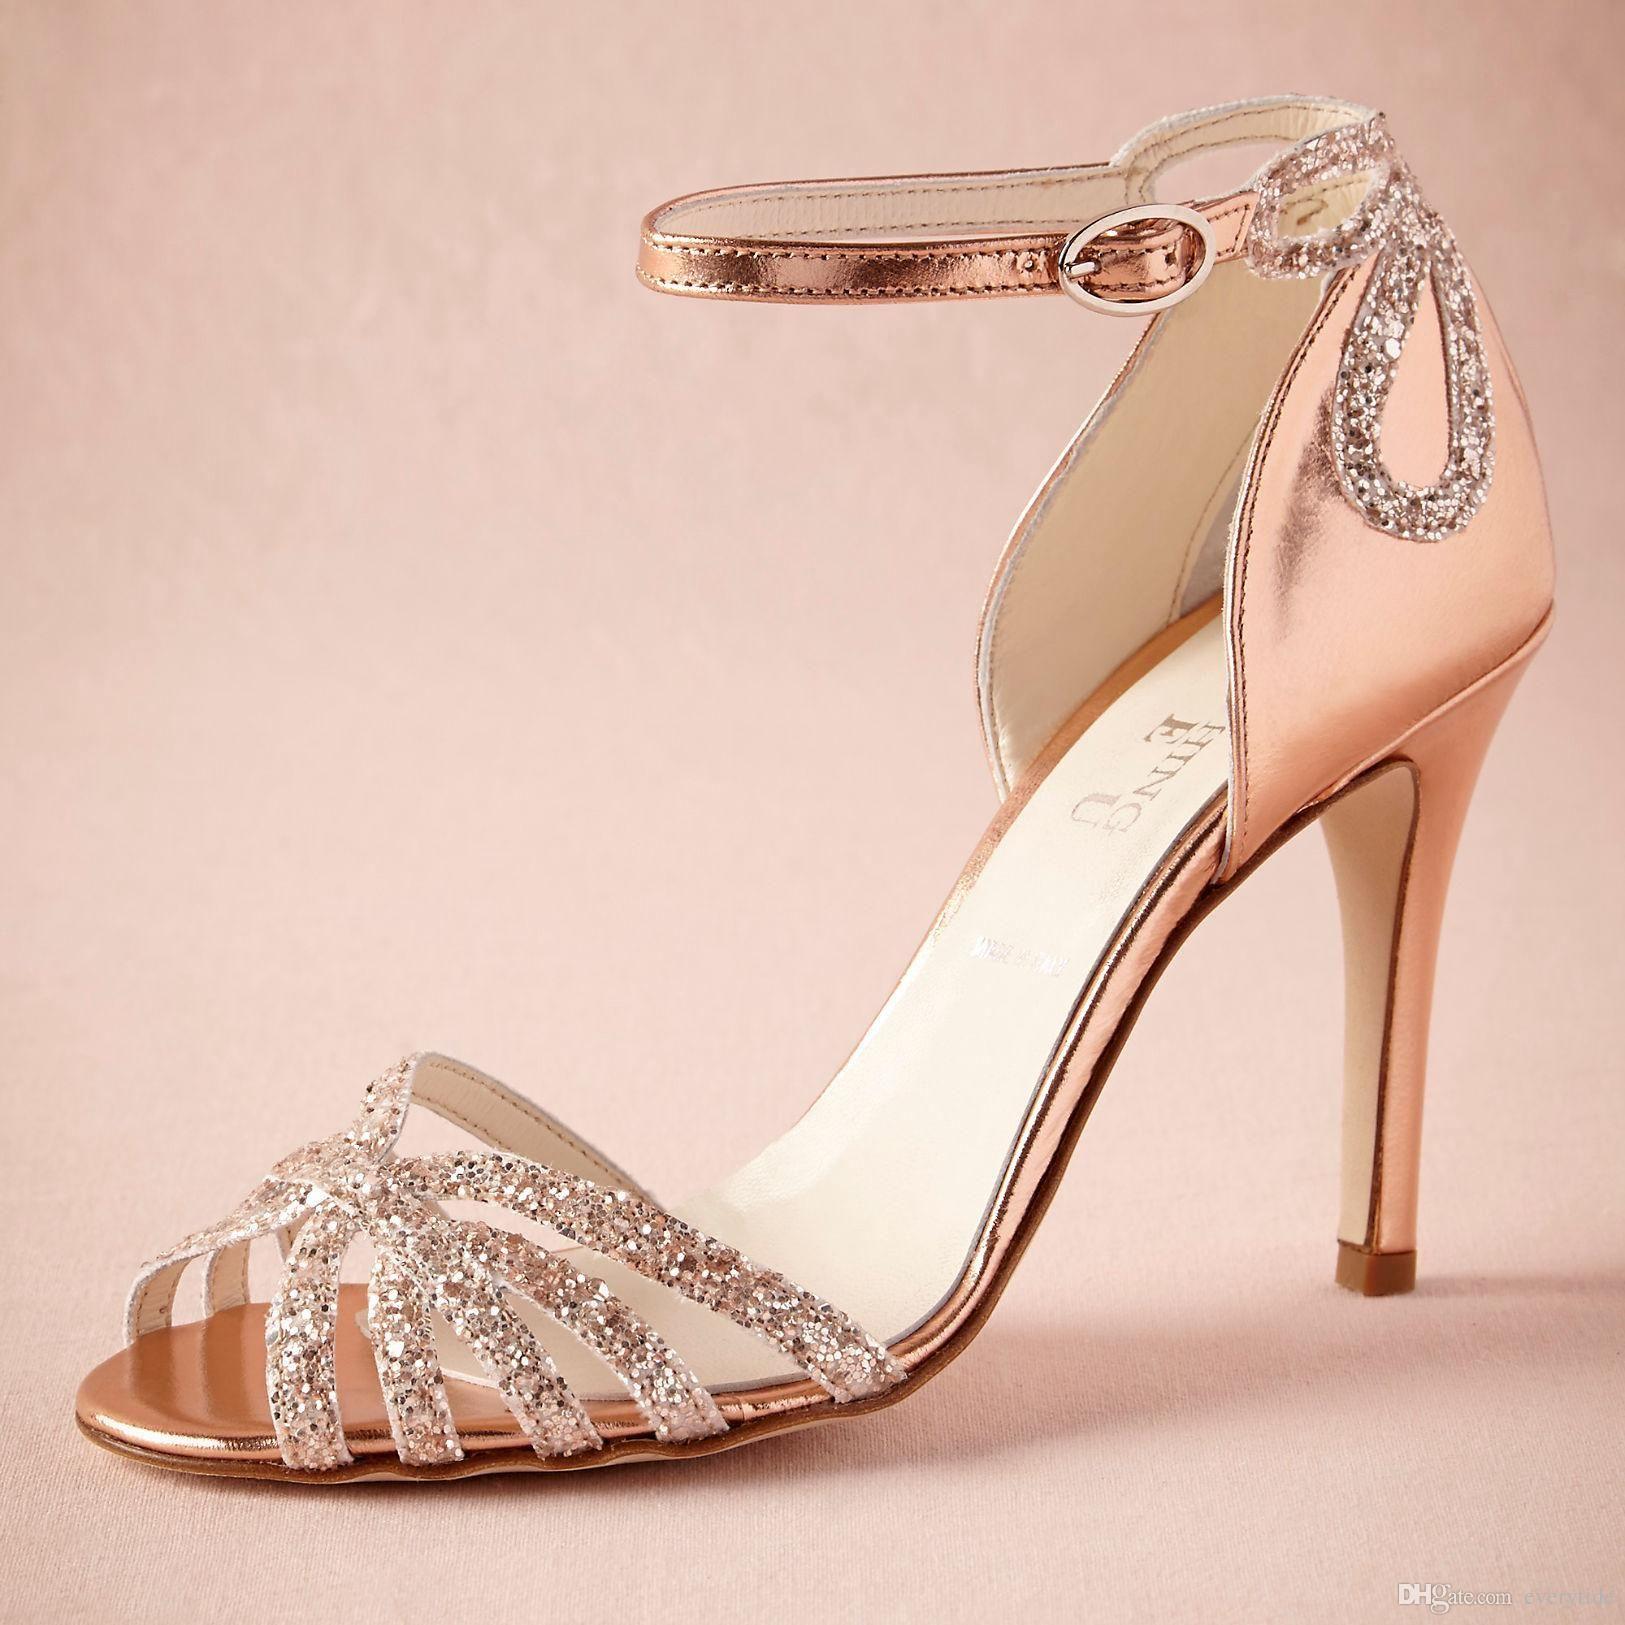 Ankle Strap Kitten Heel Shoes